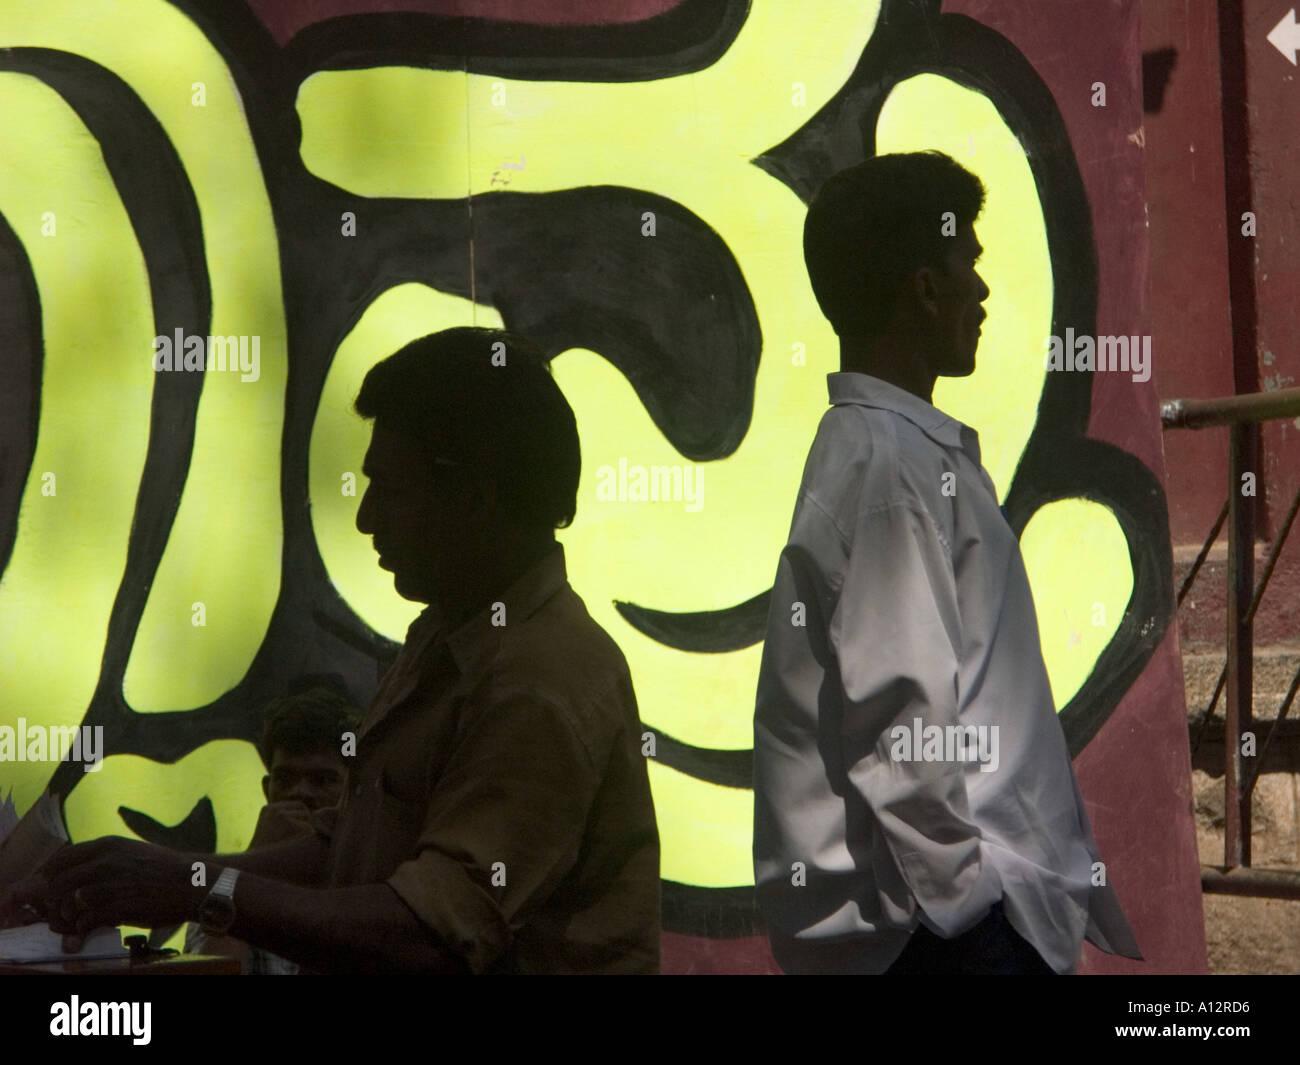 Männer stehen vor einem indischen Film-Plakat Stockbild